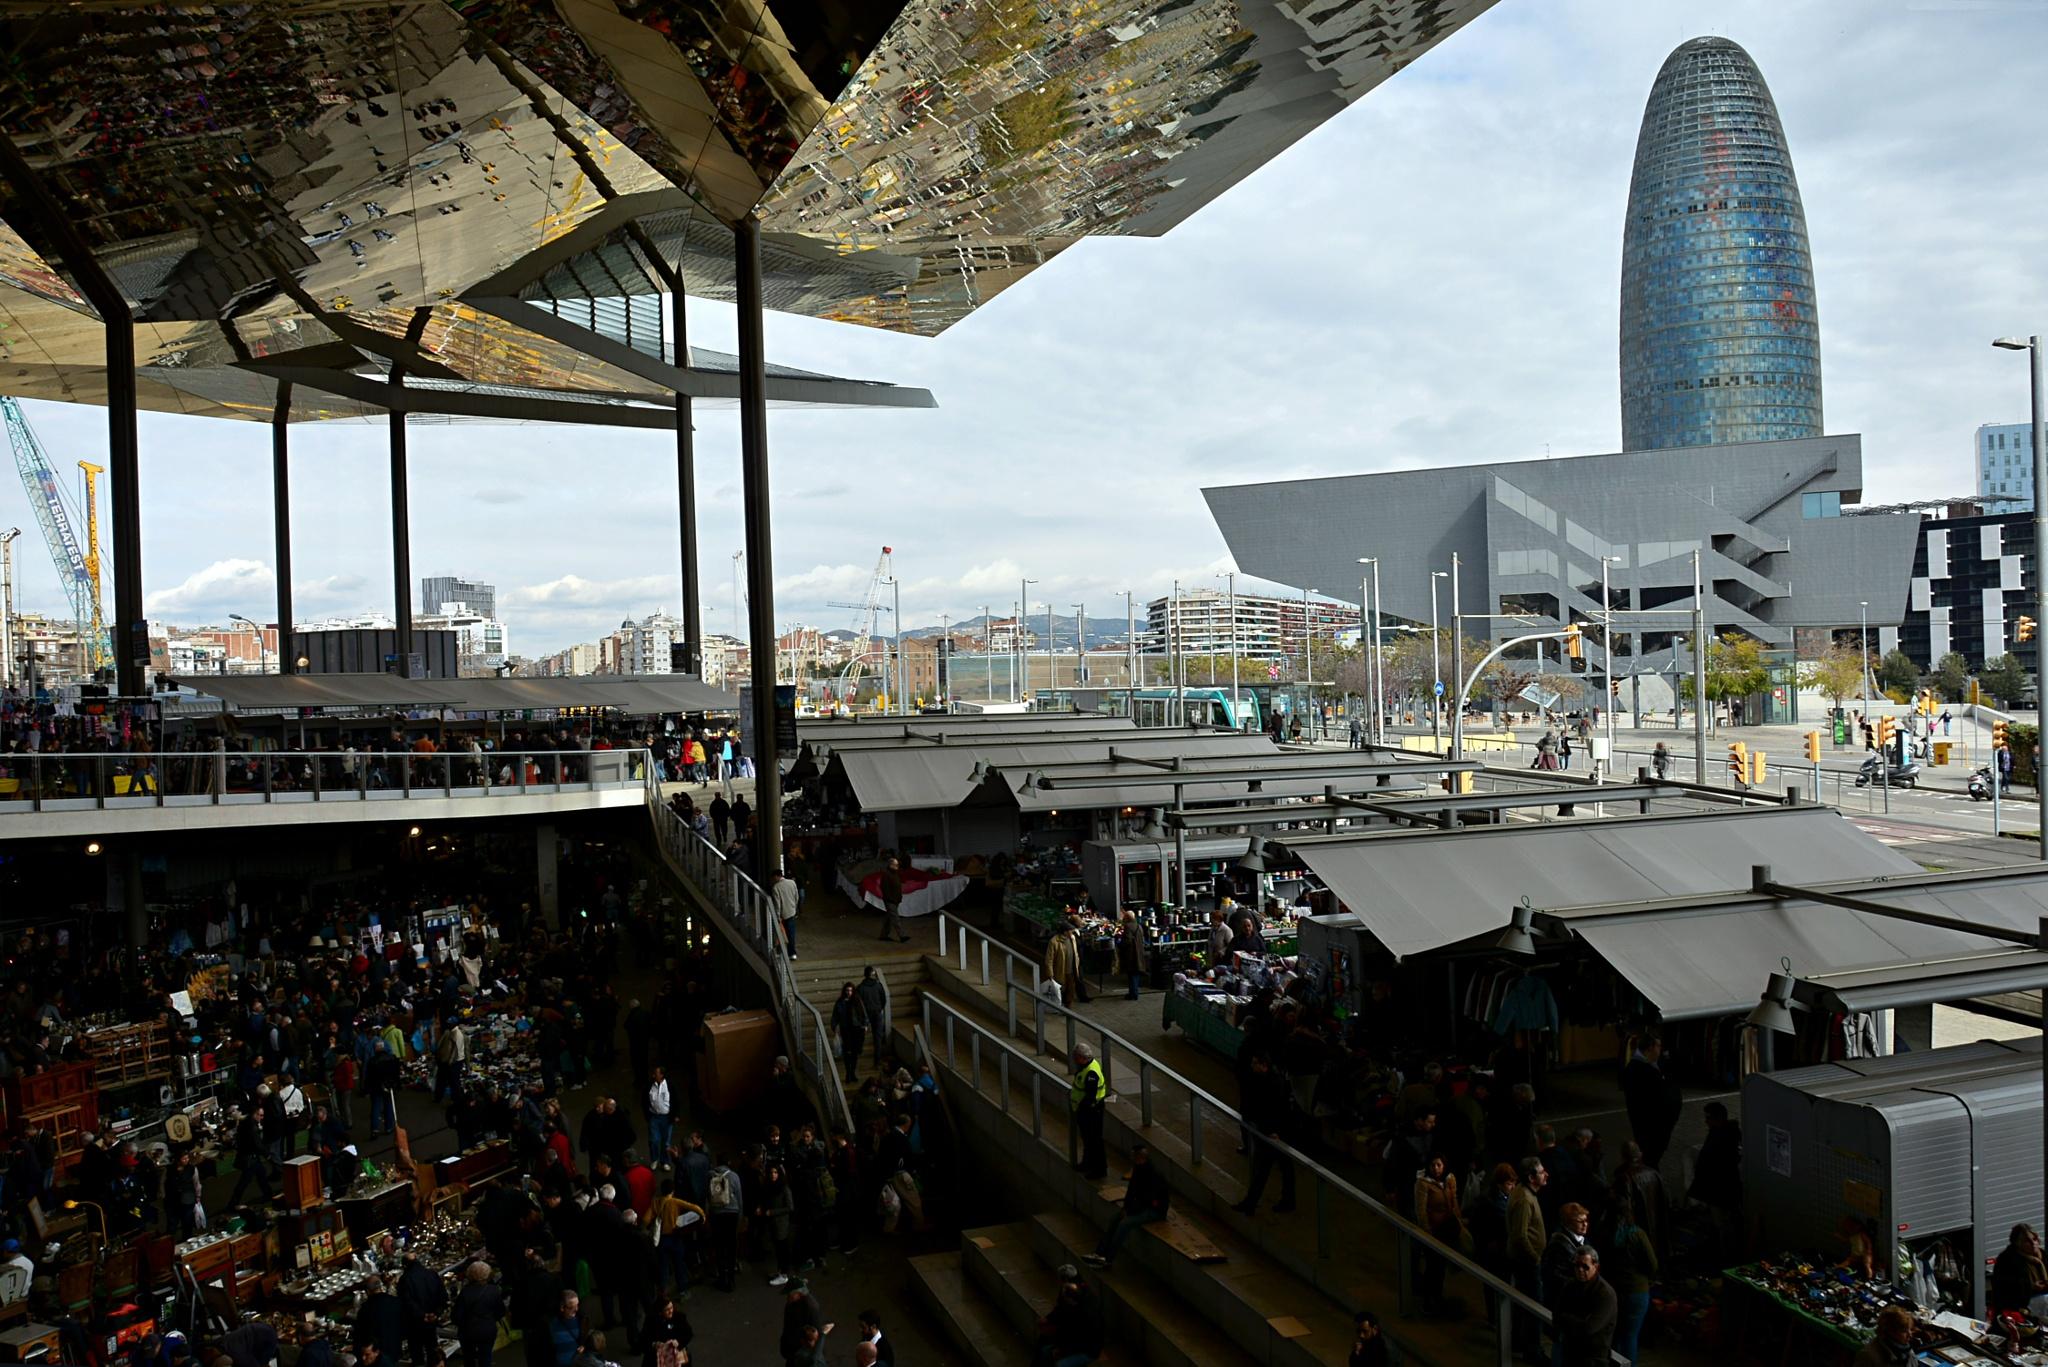 Mercat (Market) by Josep Vallès